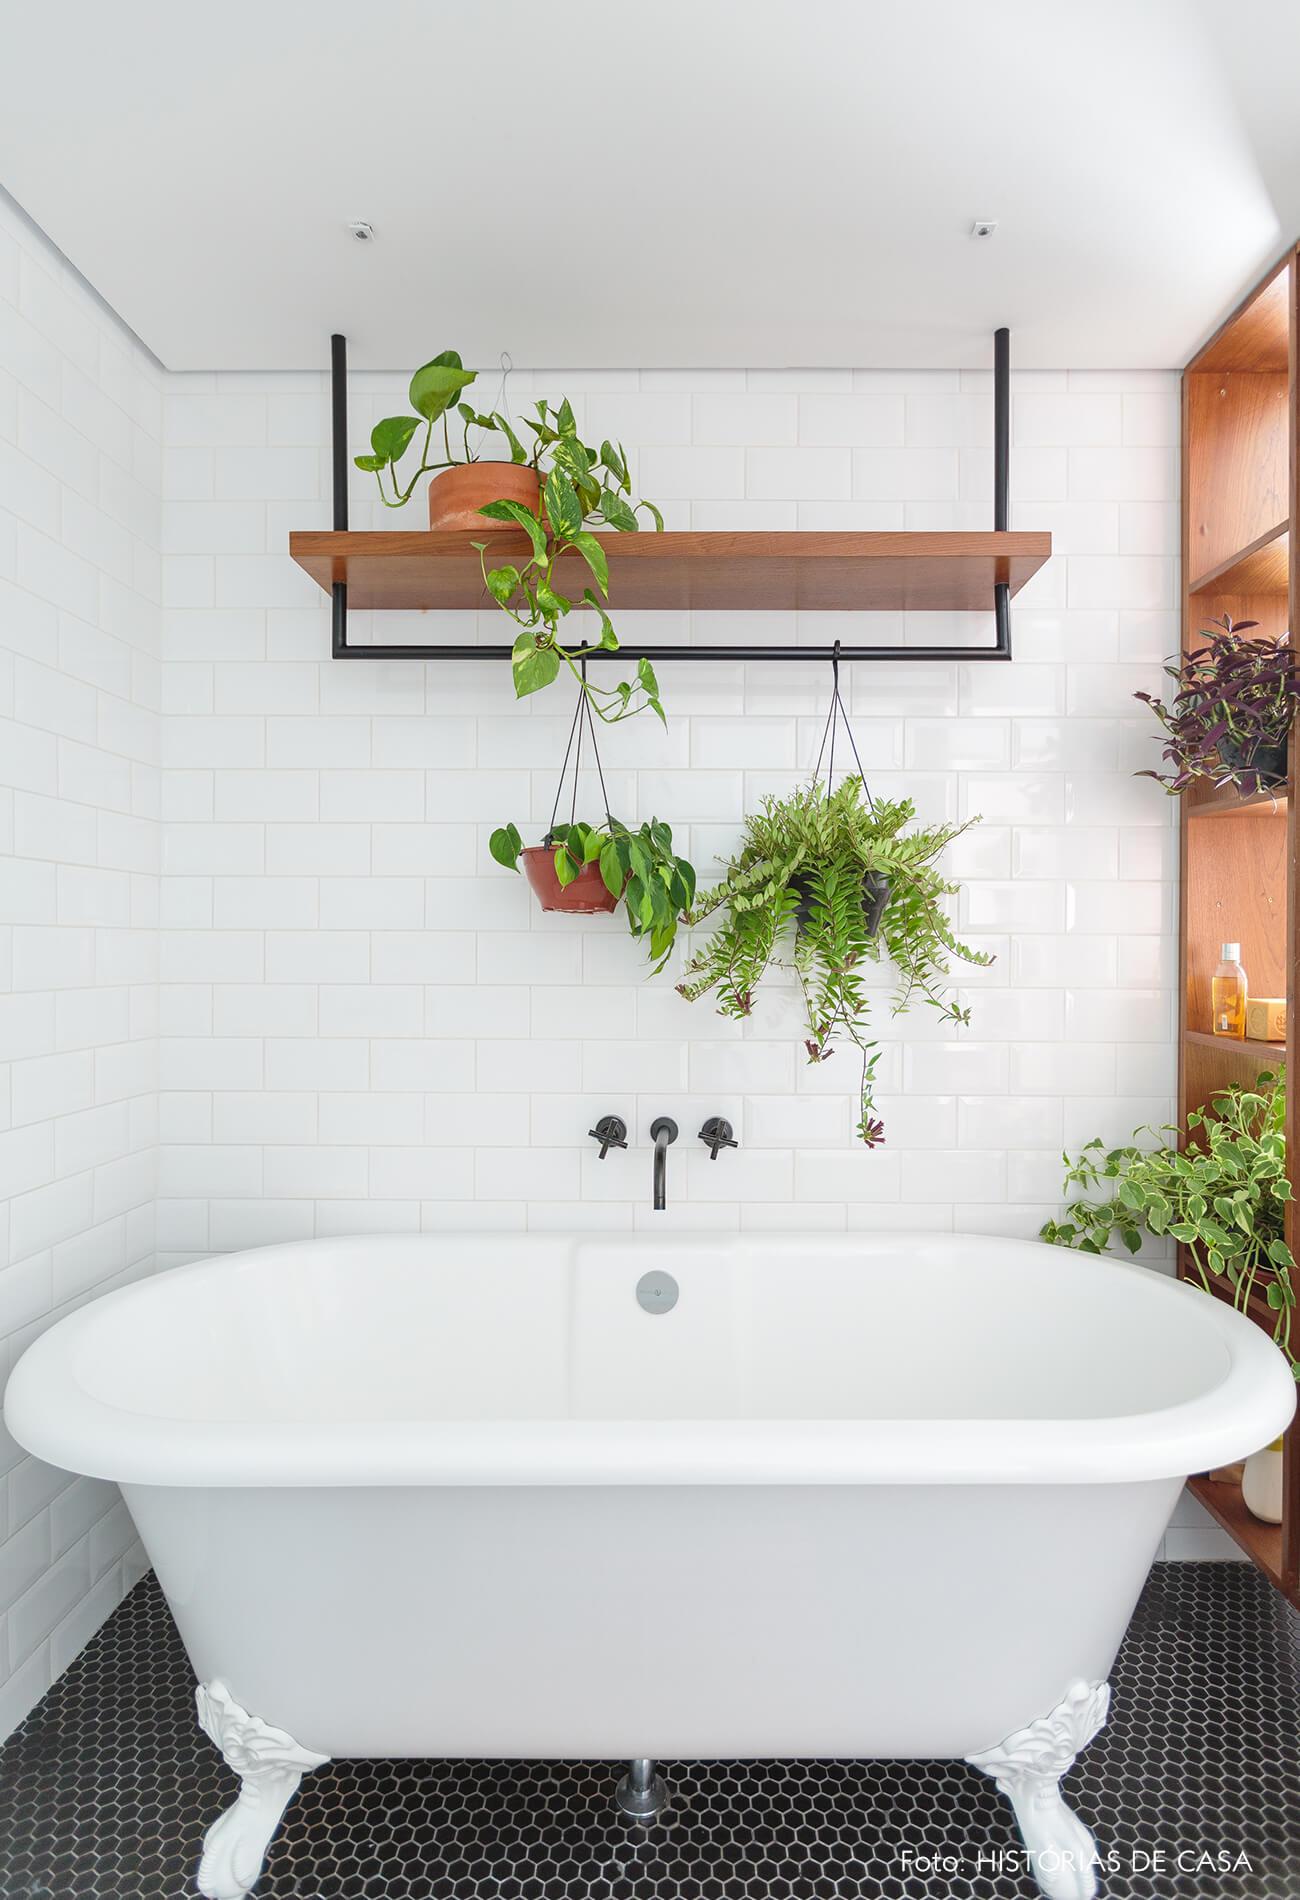 banheira-e-plantas